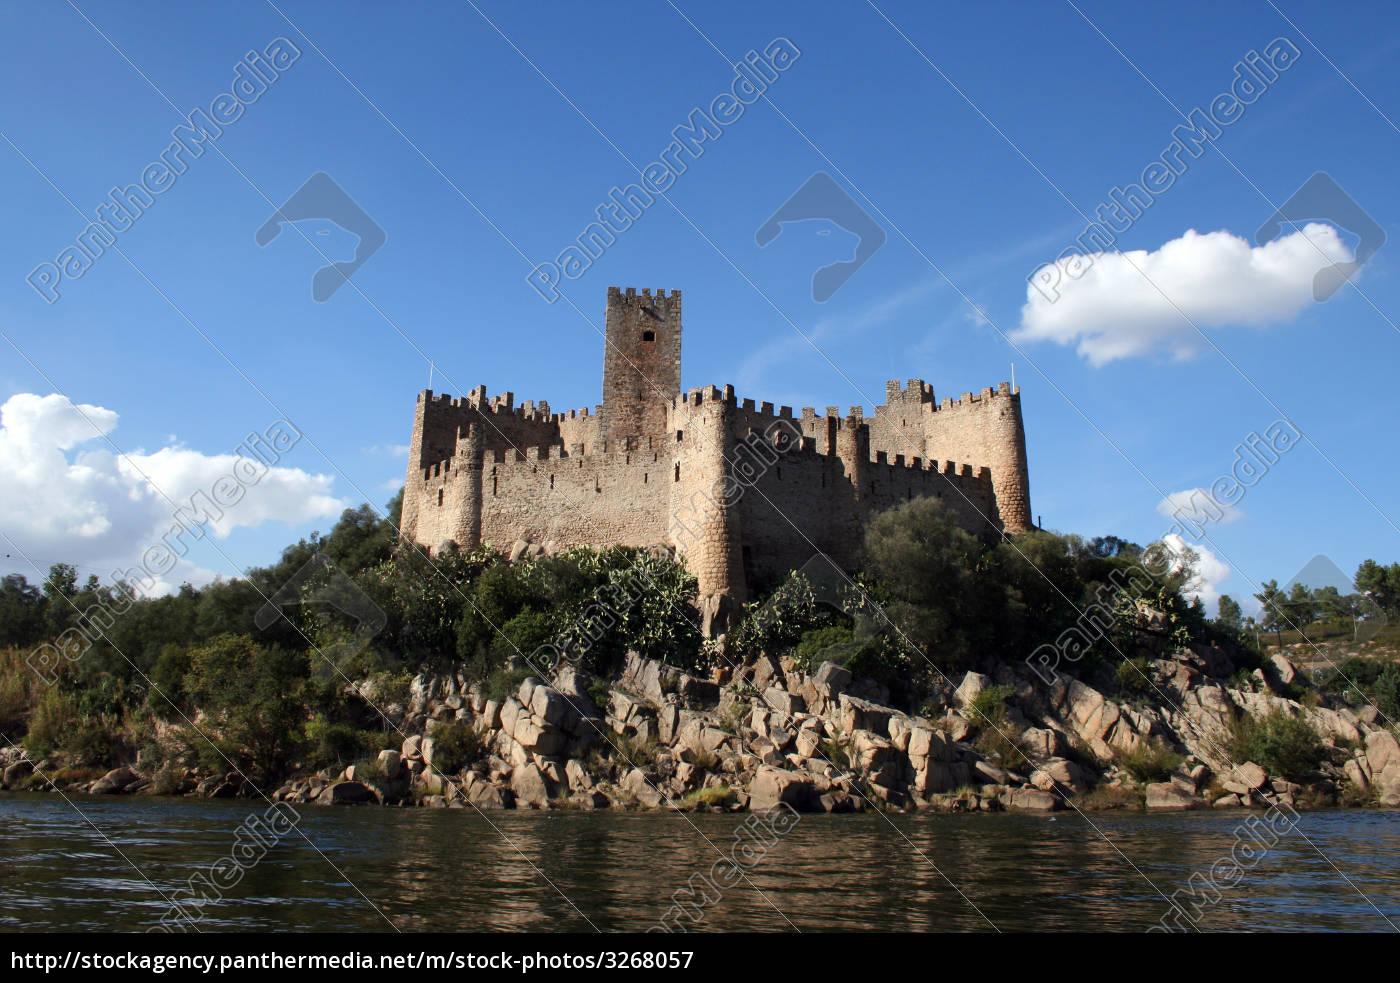 almourol, castle - 3268057